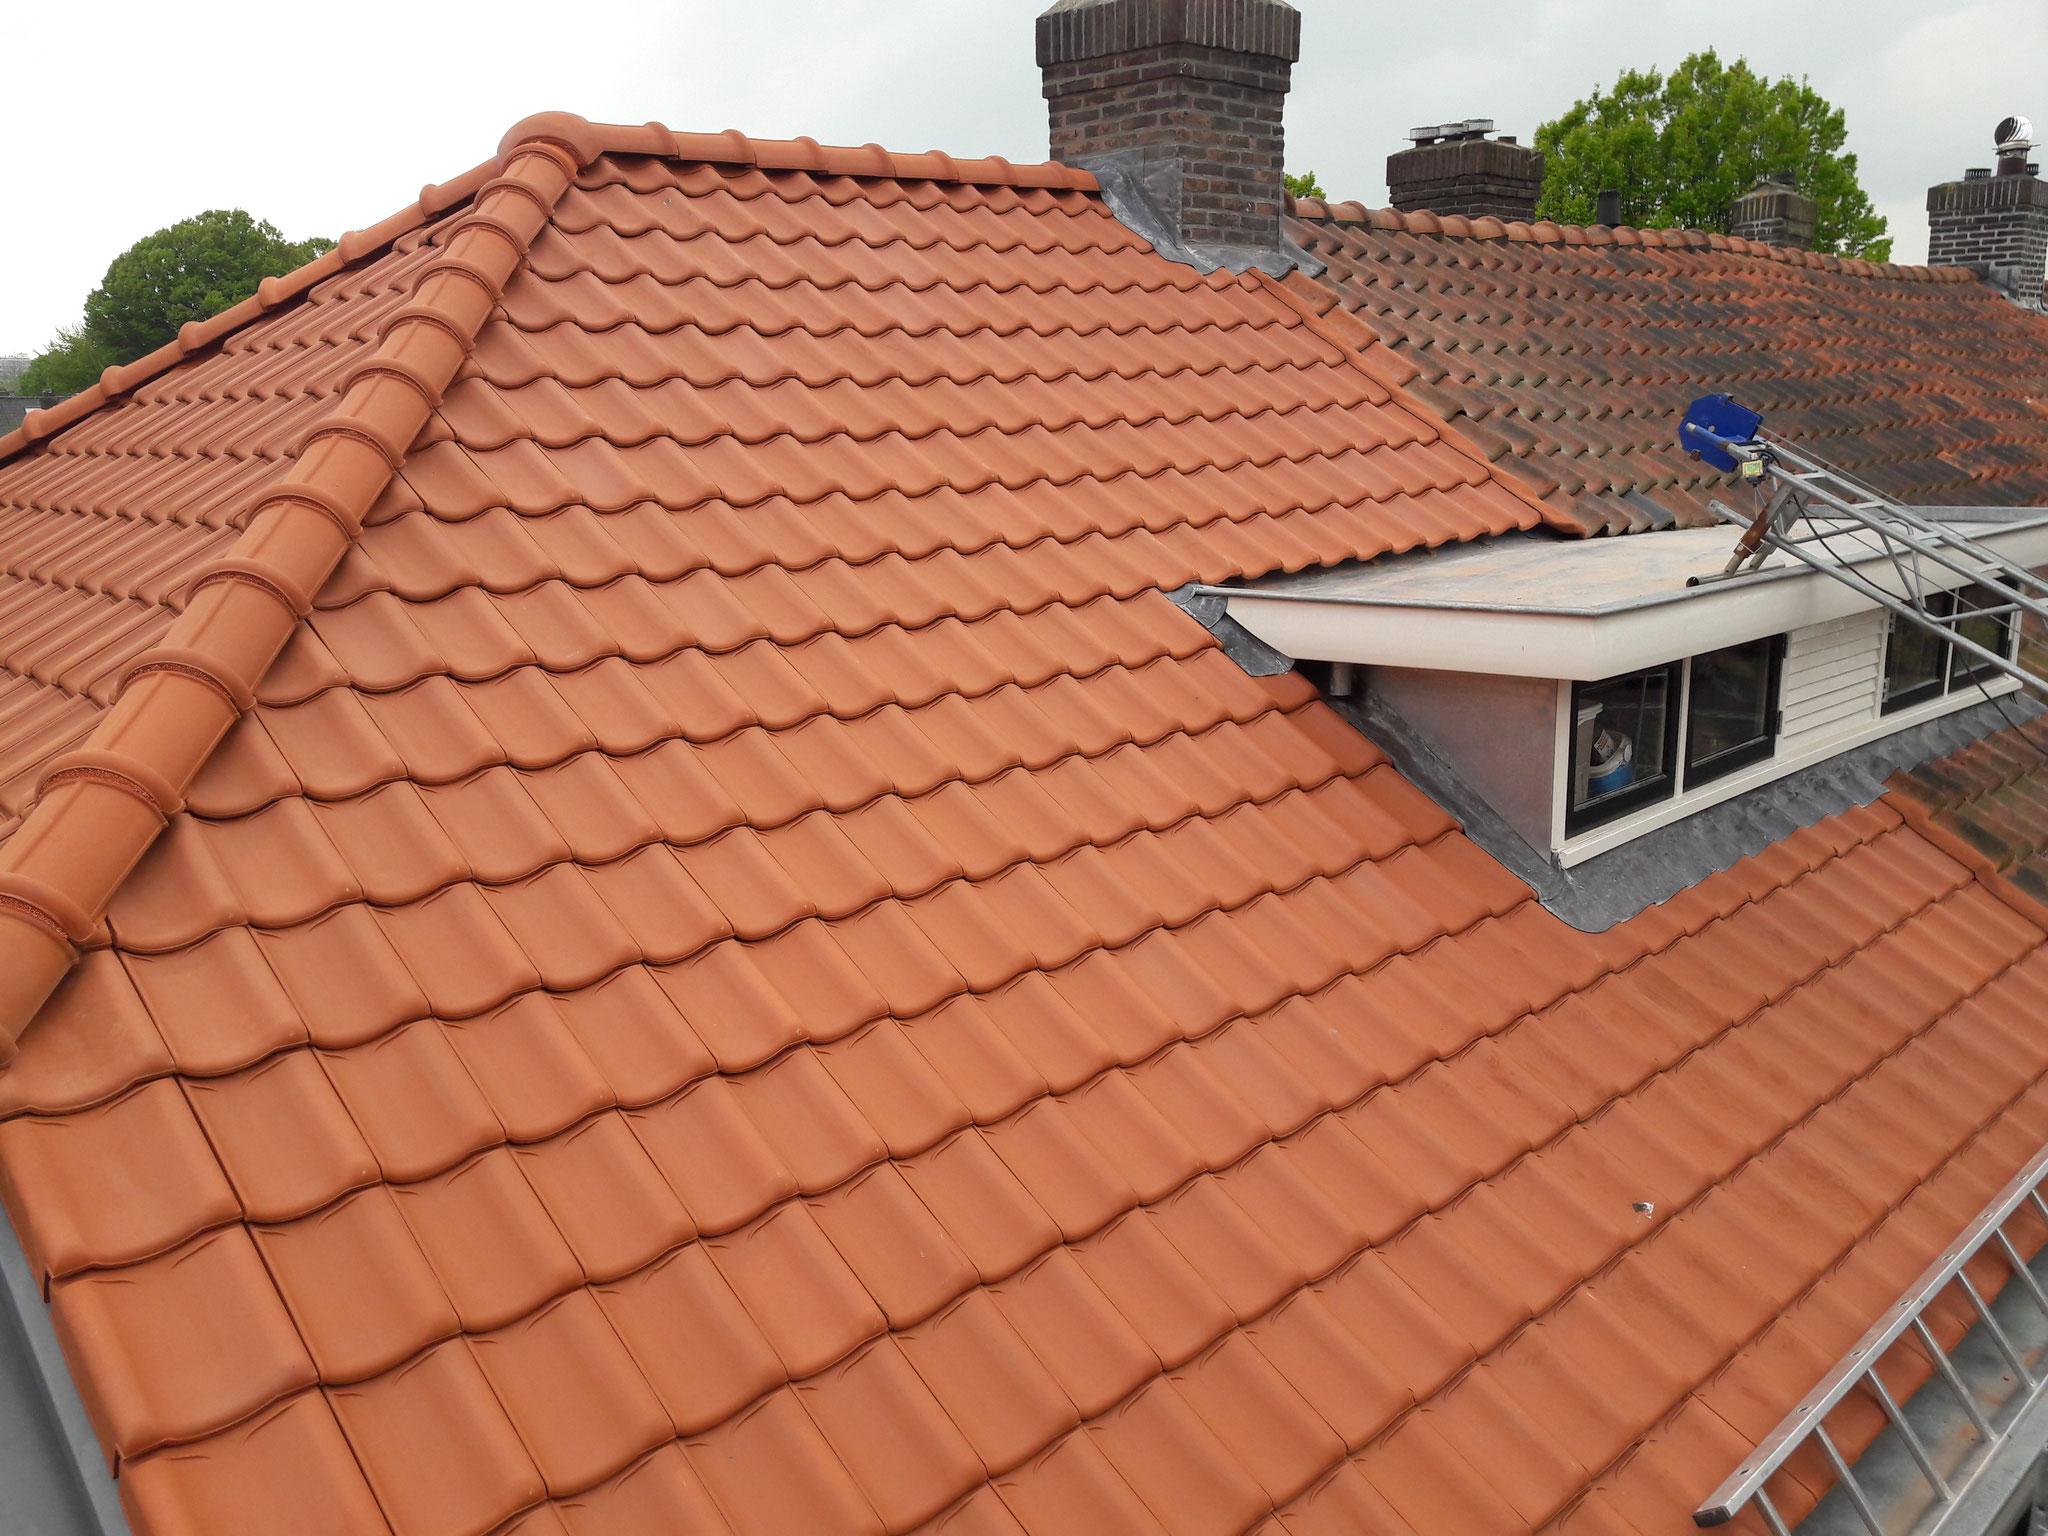 Dakrenovatie en zolderbouwing met isolatie jaren '30 woning in Leiden